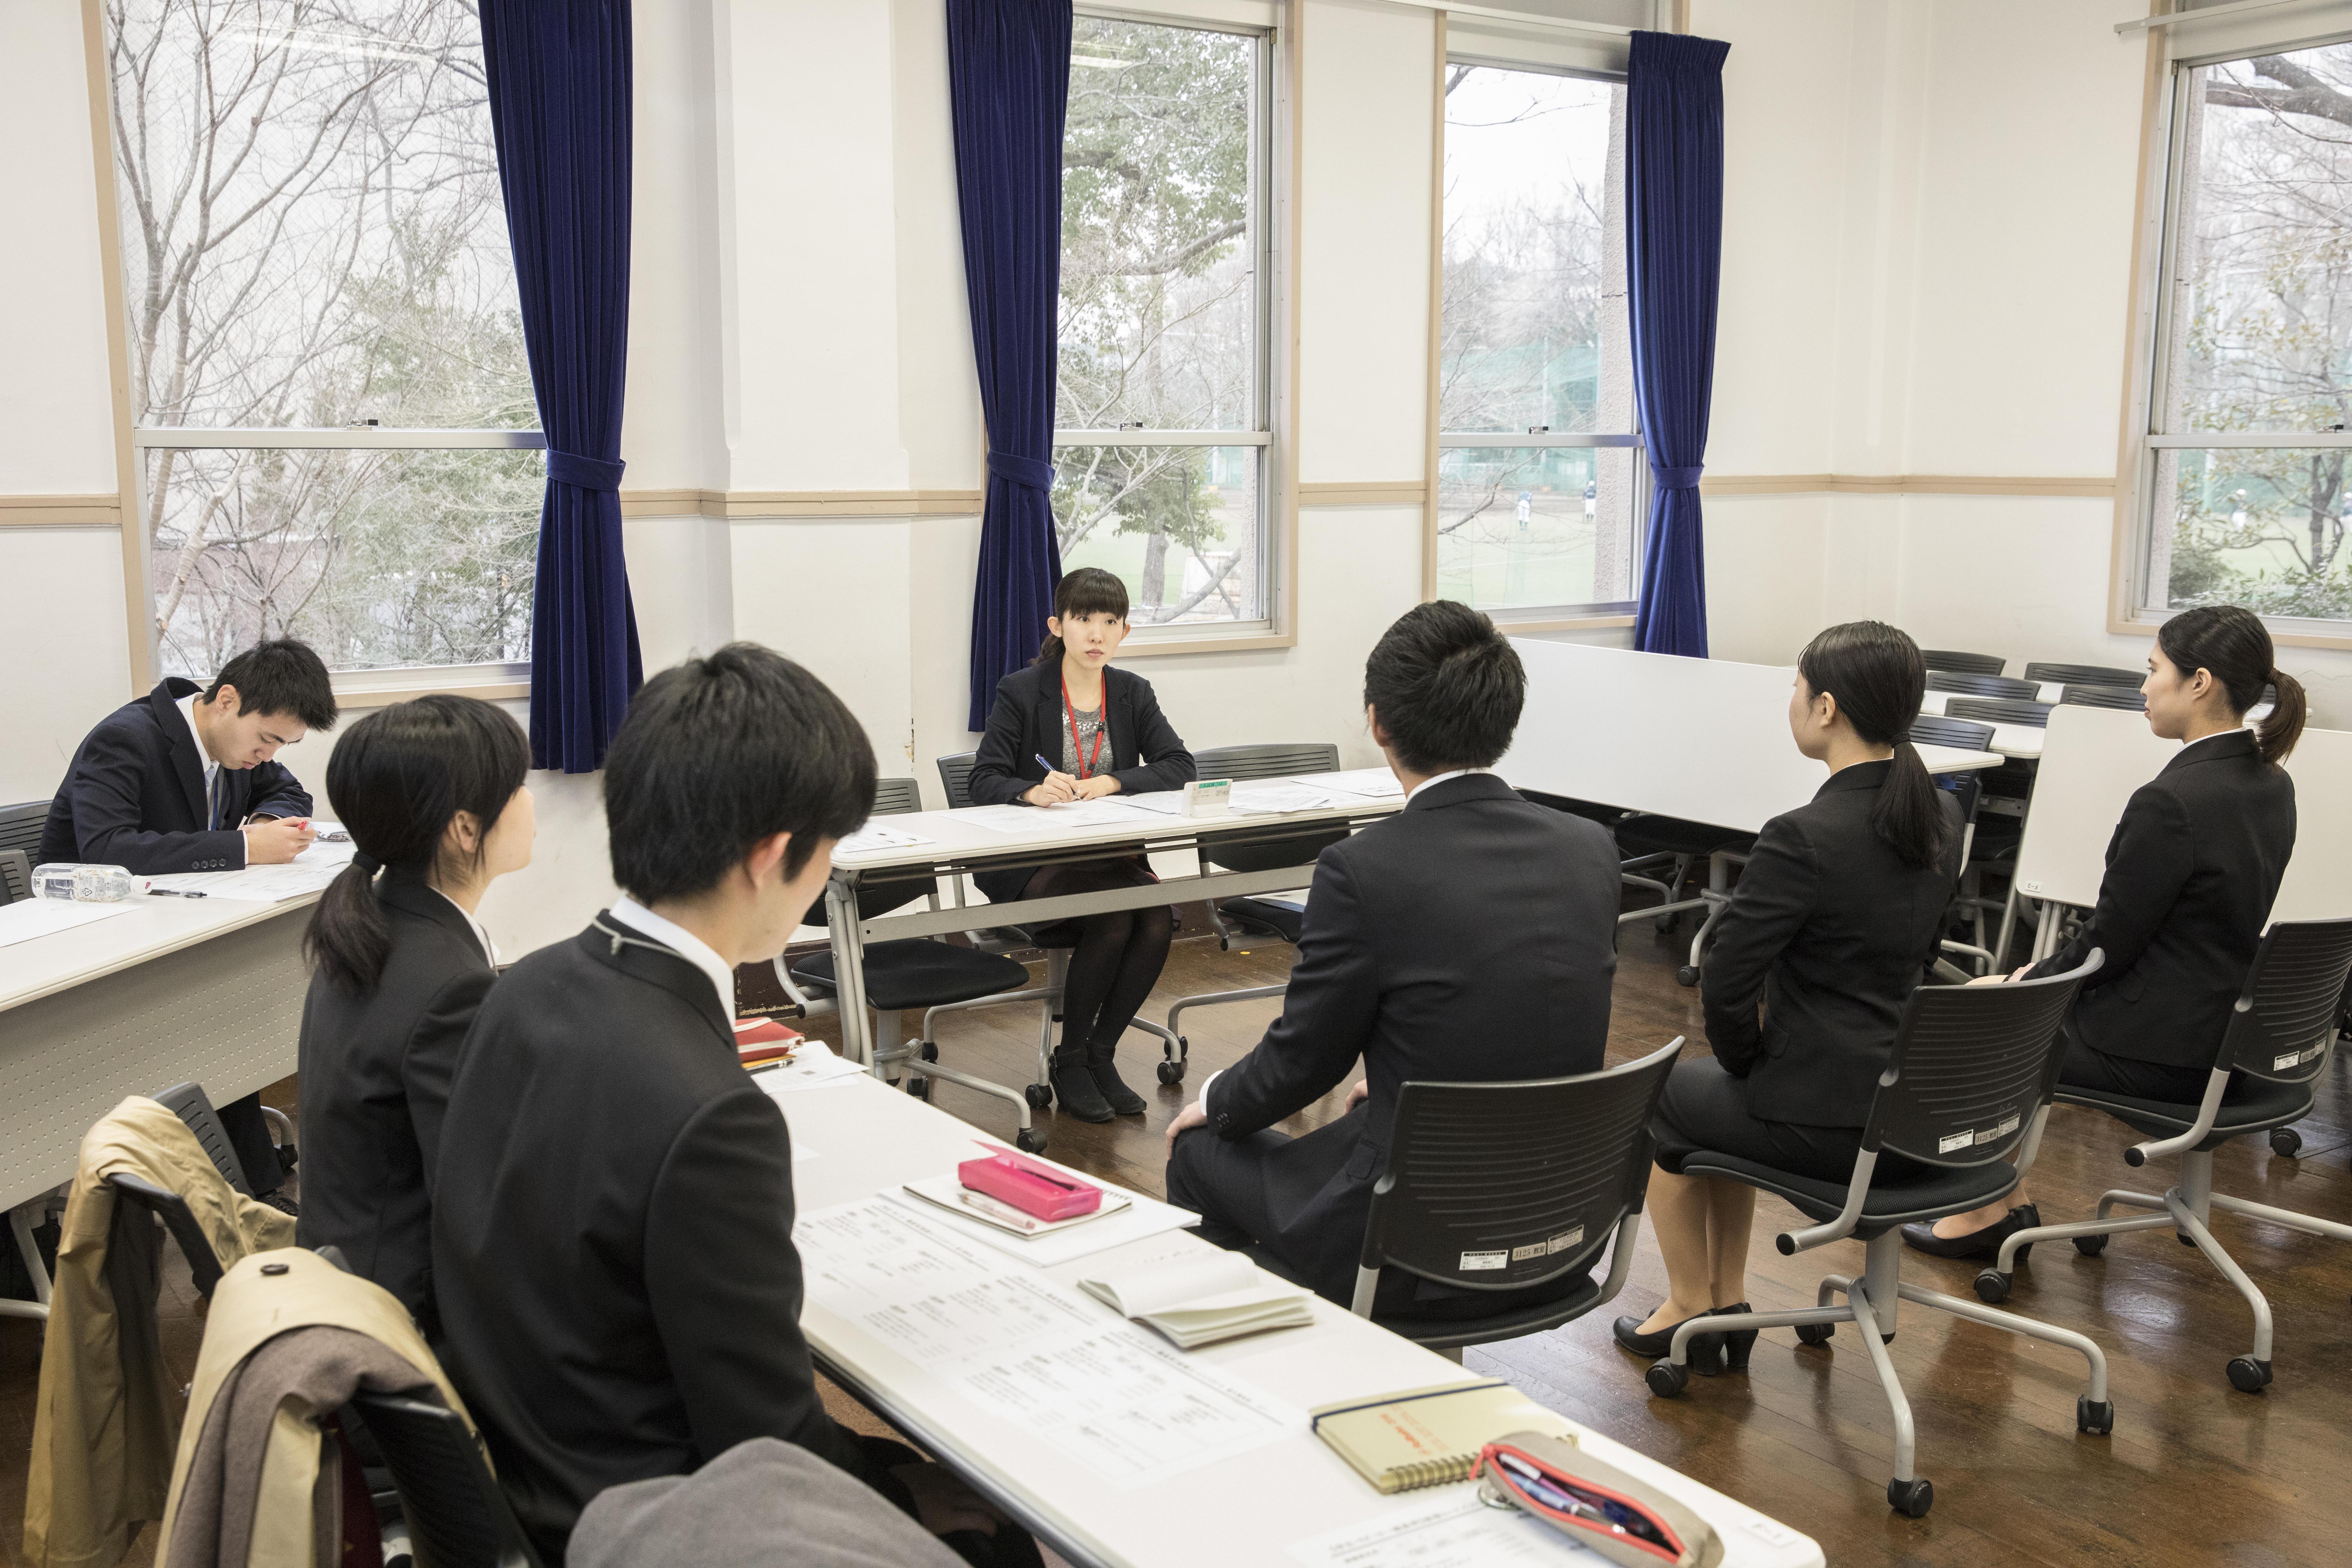 【武蔵大学】『ゼミの武蔵』ならではの少人数制プログラム!卒業生による実践的なキャリアサポート「武蔵しごと塾 ~本番直前!模擬面接トライアル~」を開催